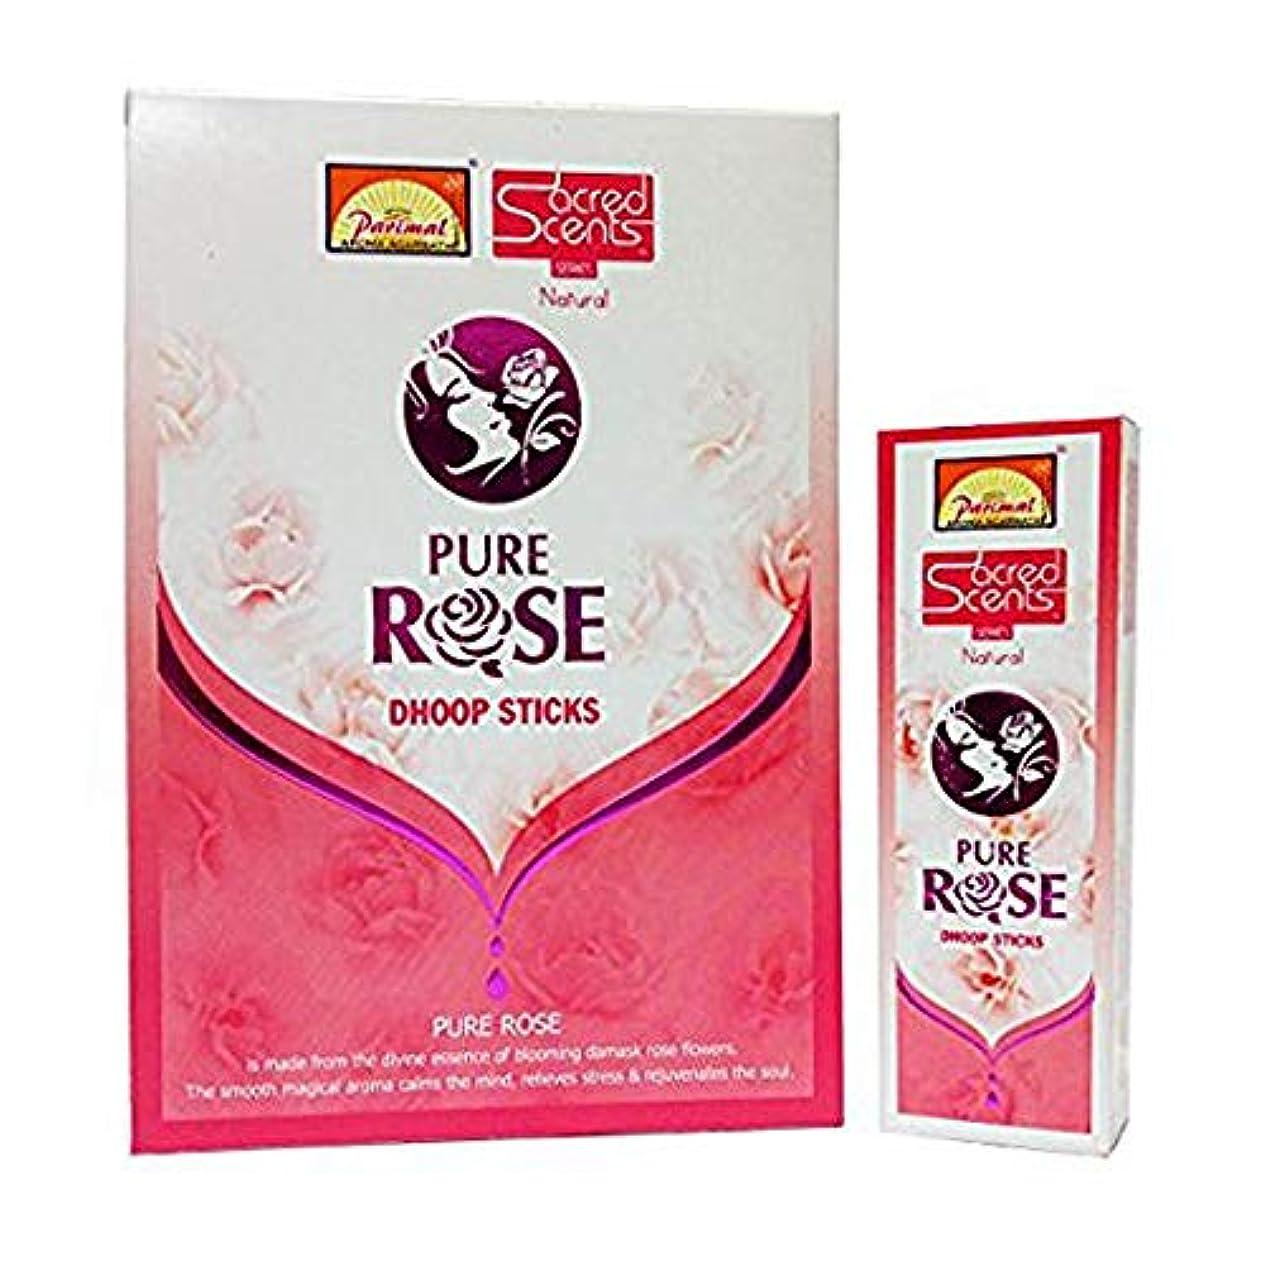 森市場ハイライトParimal Sacred Scents Pure Rose Dhoop Sticks 50グラムパック、6カウントin aボックス